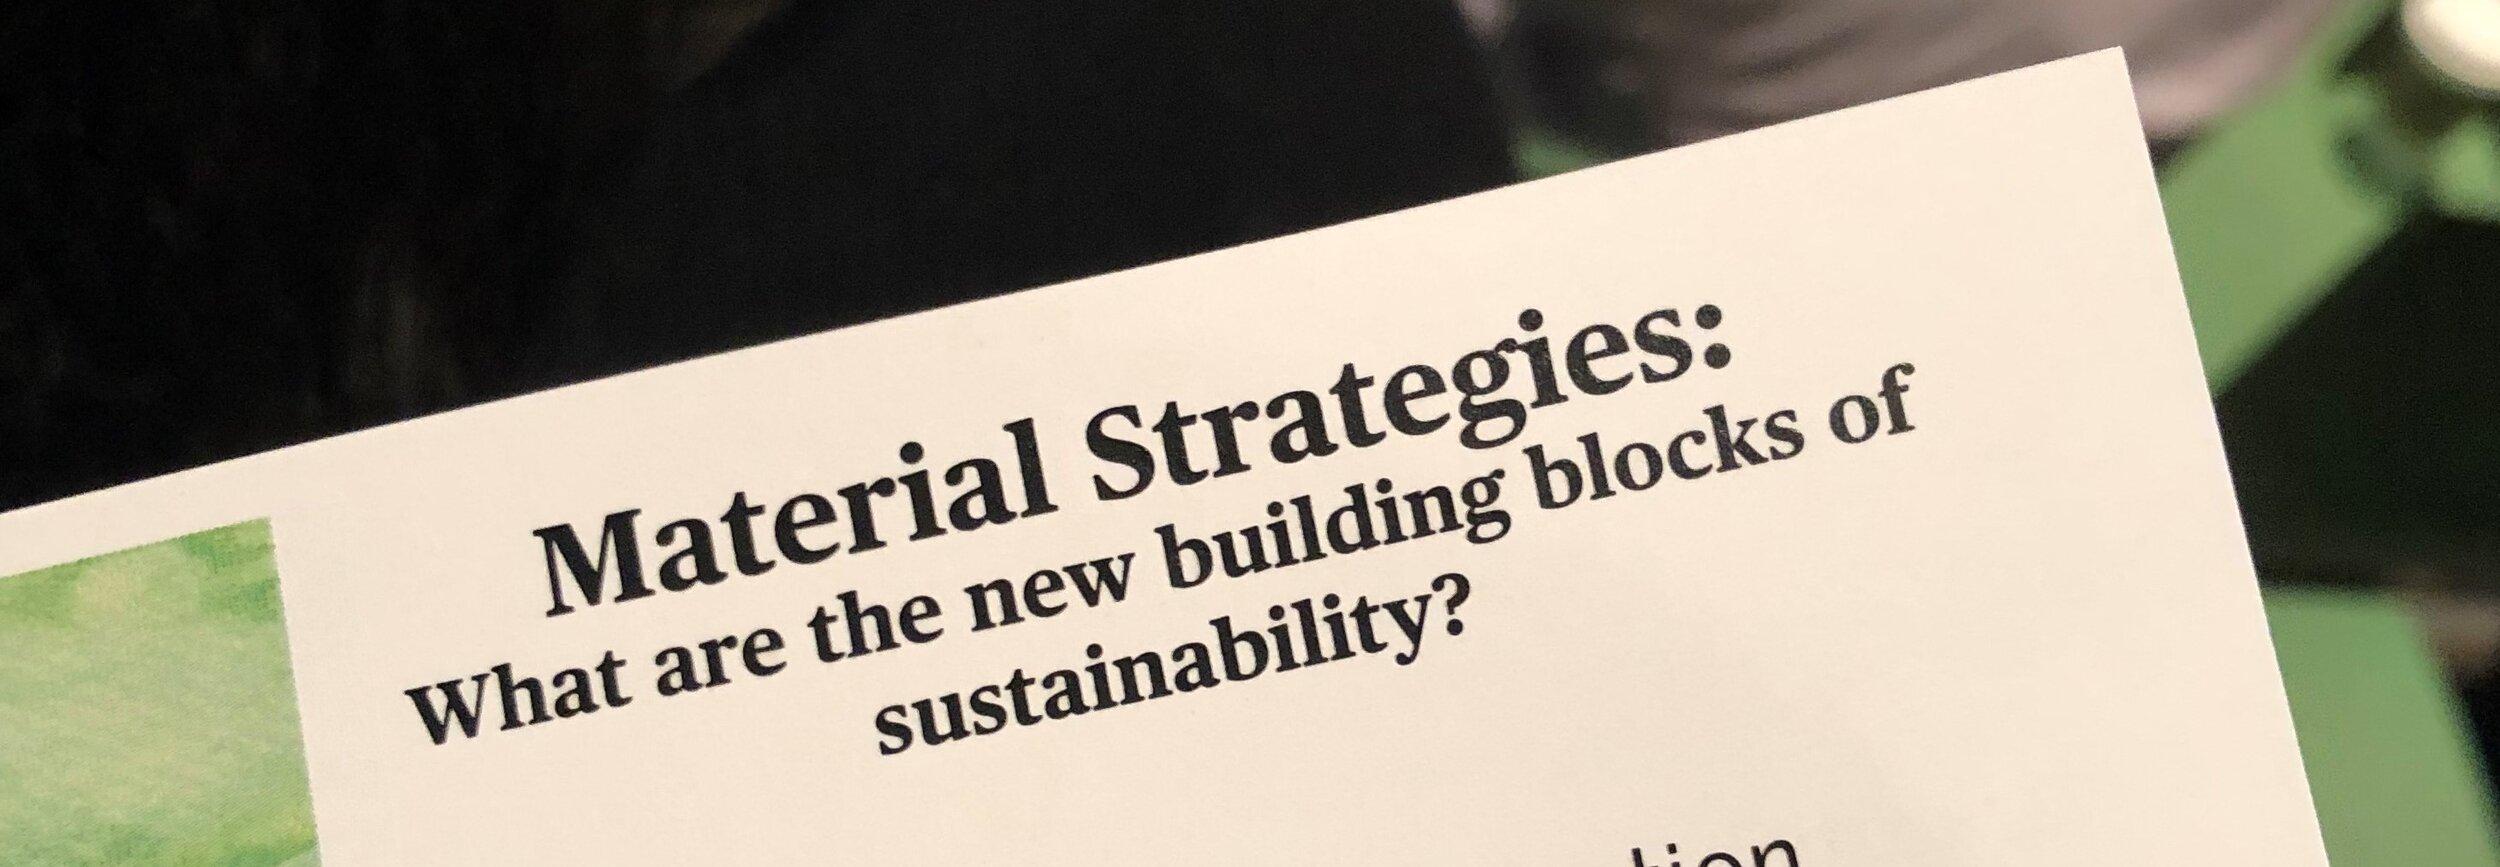 Material Strategies